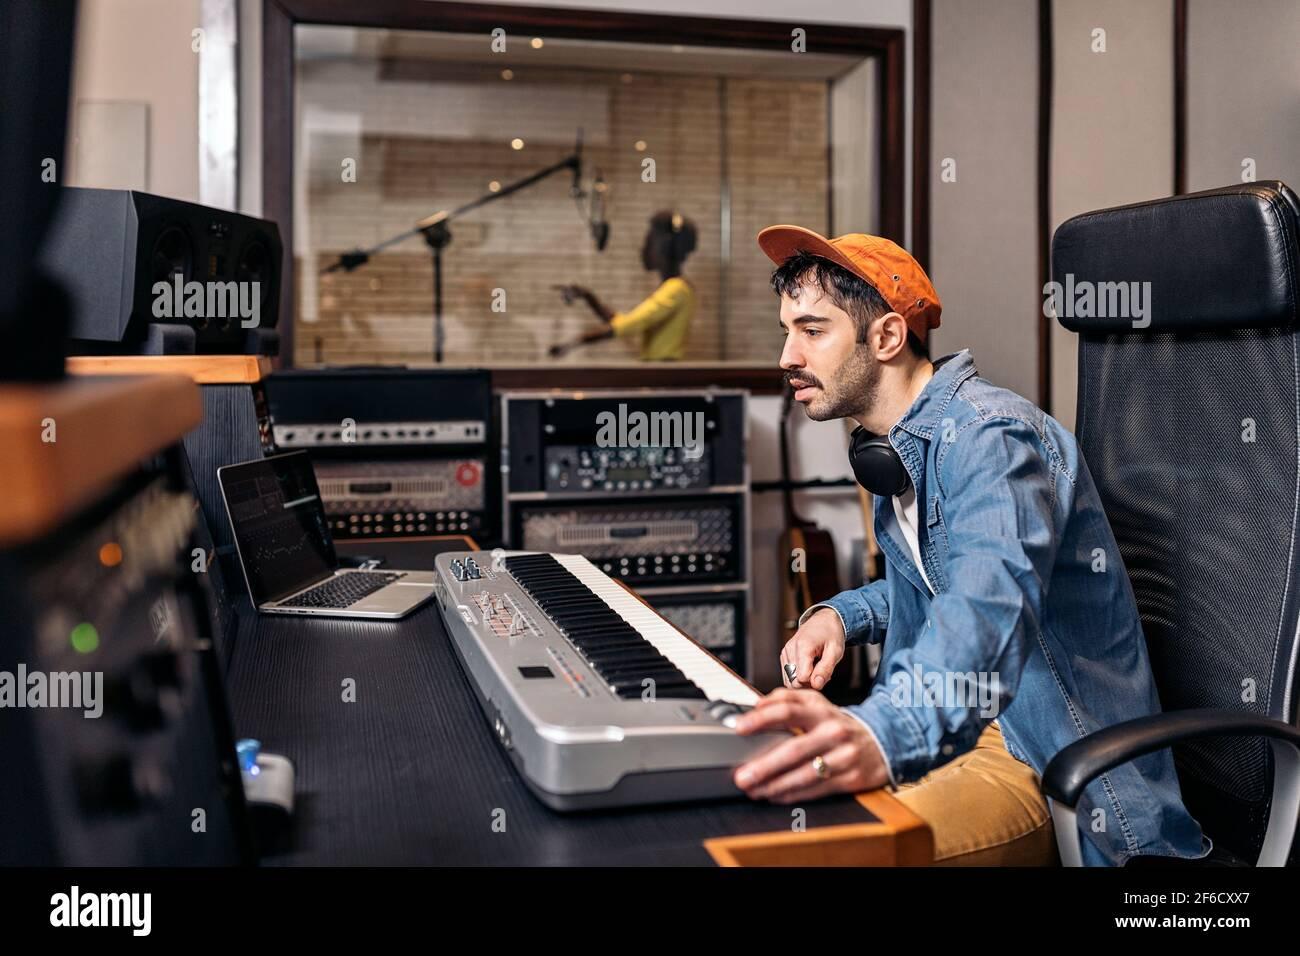 Photo d'un producteur de musique masculin travaillant avec un chanteur noir dans un studio de musique cool. Banque D'Images